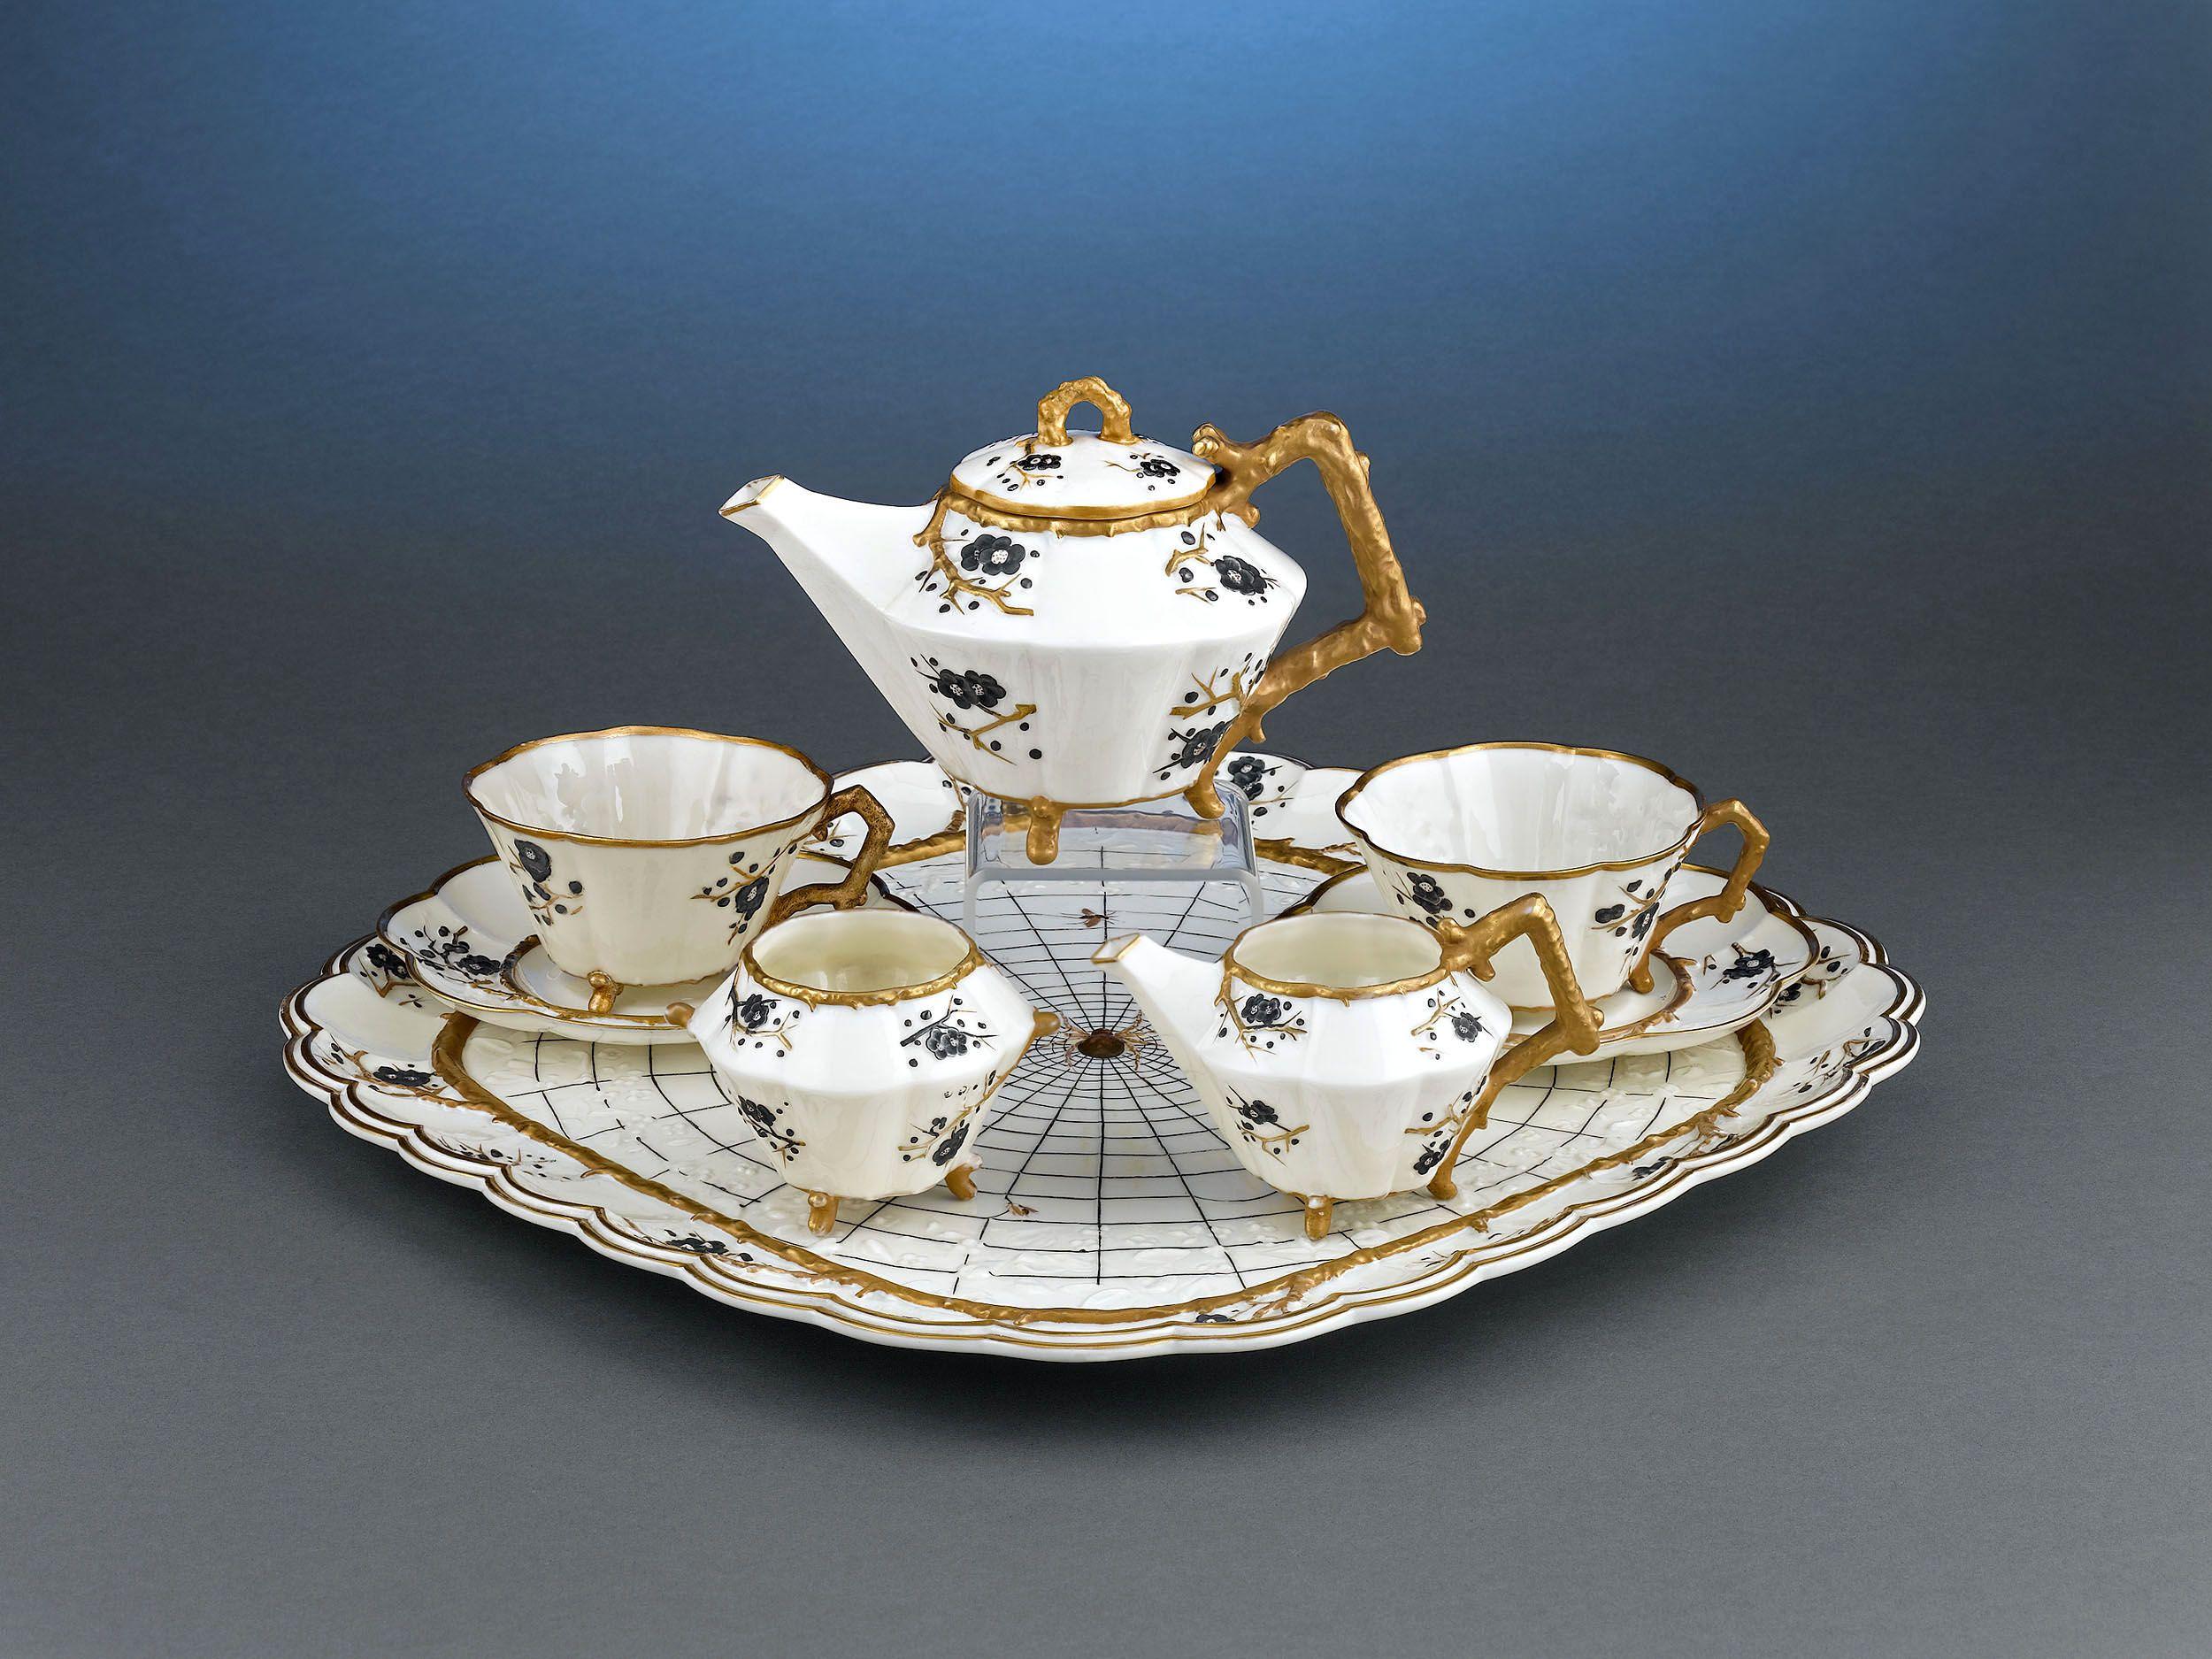 Antique Porcelain, Antique Tea Sets, Belleek Tea Sets ~ M.S. Rau Antiques